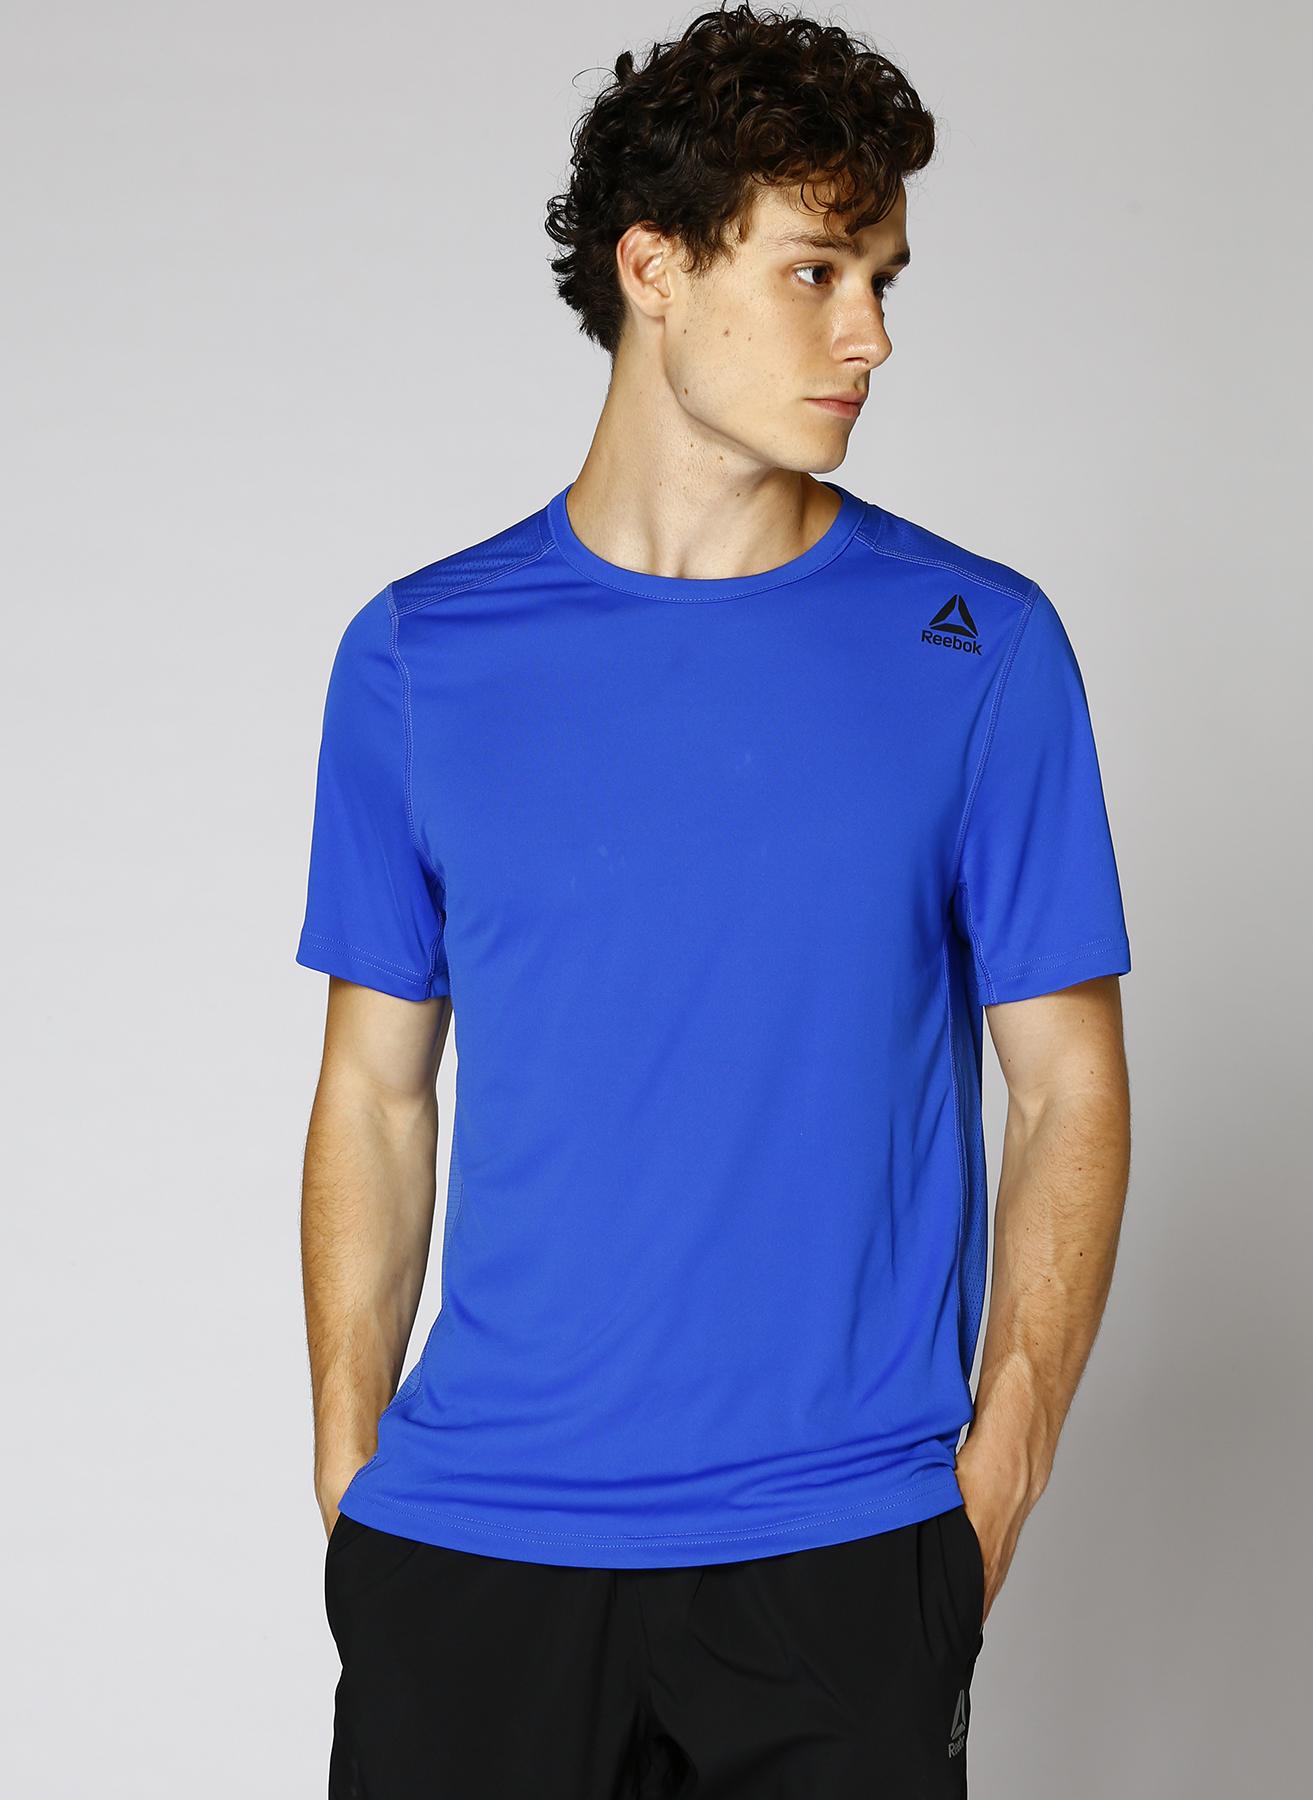 Reebok Speedwick Tech T-Shirt L 5001632891001 Ürün Resmi